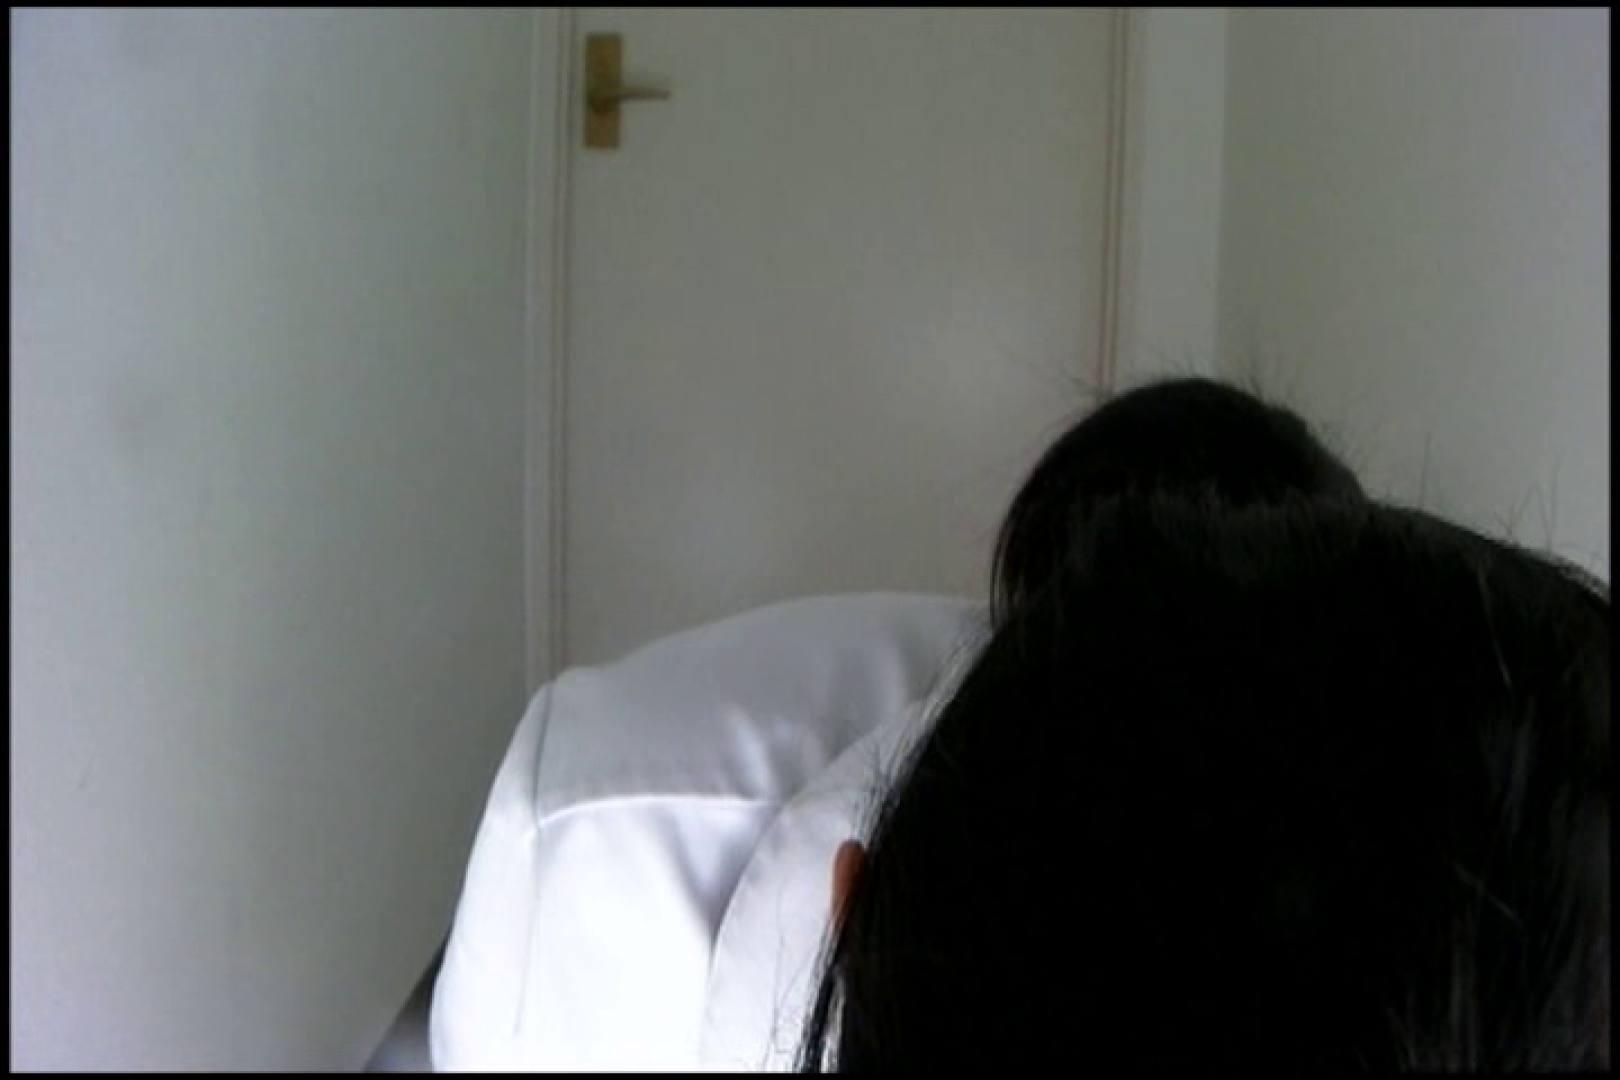 和式にまたがる女たちを待ちうけるカメラの衝撃映像vol.04 厠・・・ オメコ動画キャプチャ 84PIX 28